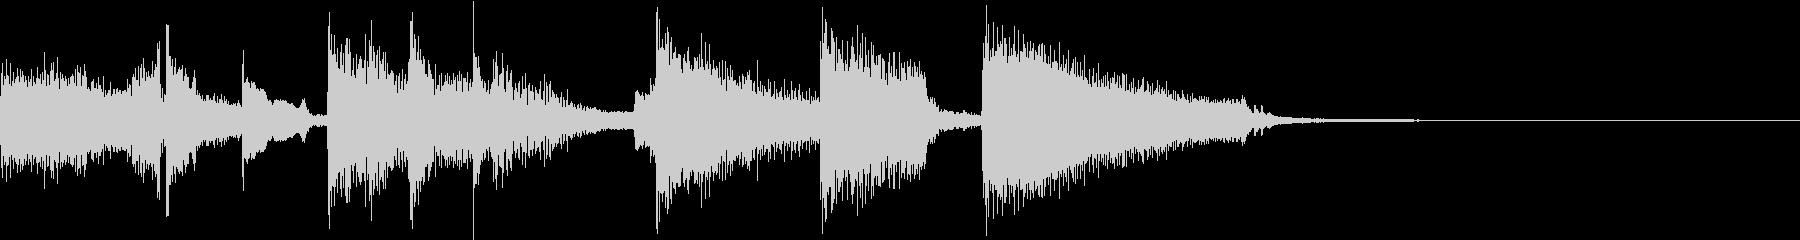 ほのぼのするギタージングル2の未再生の波形